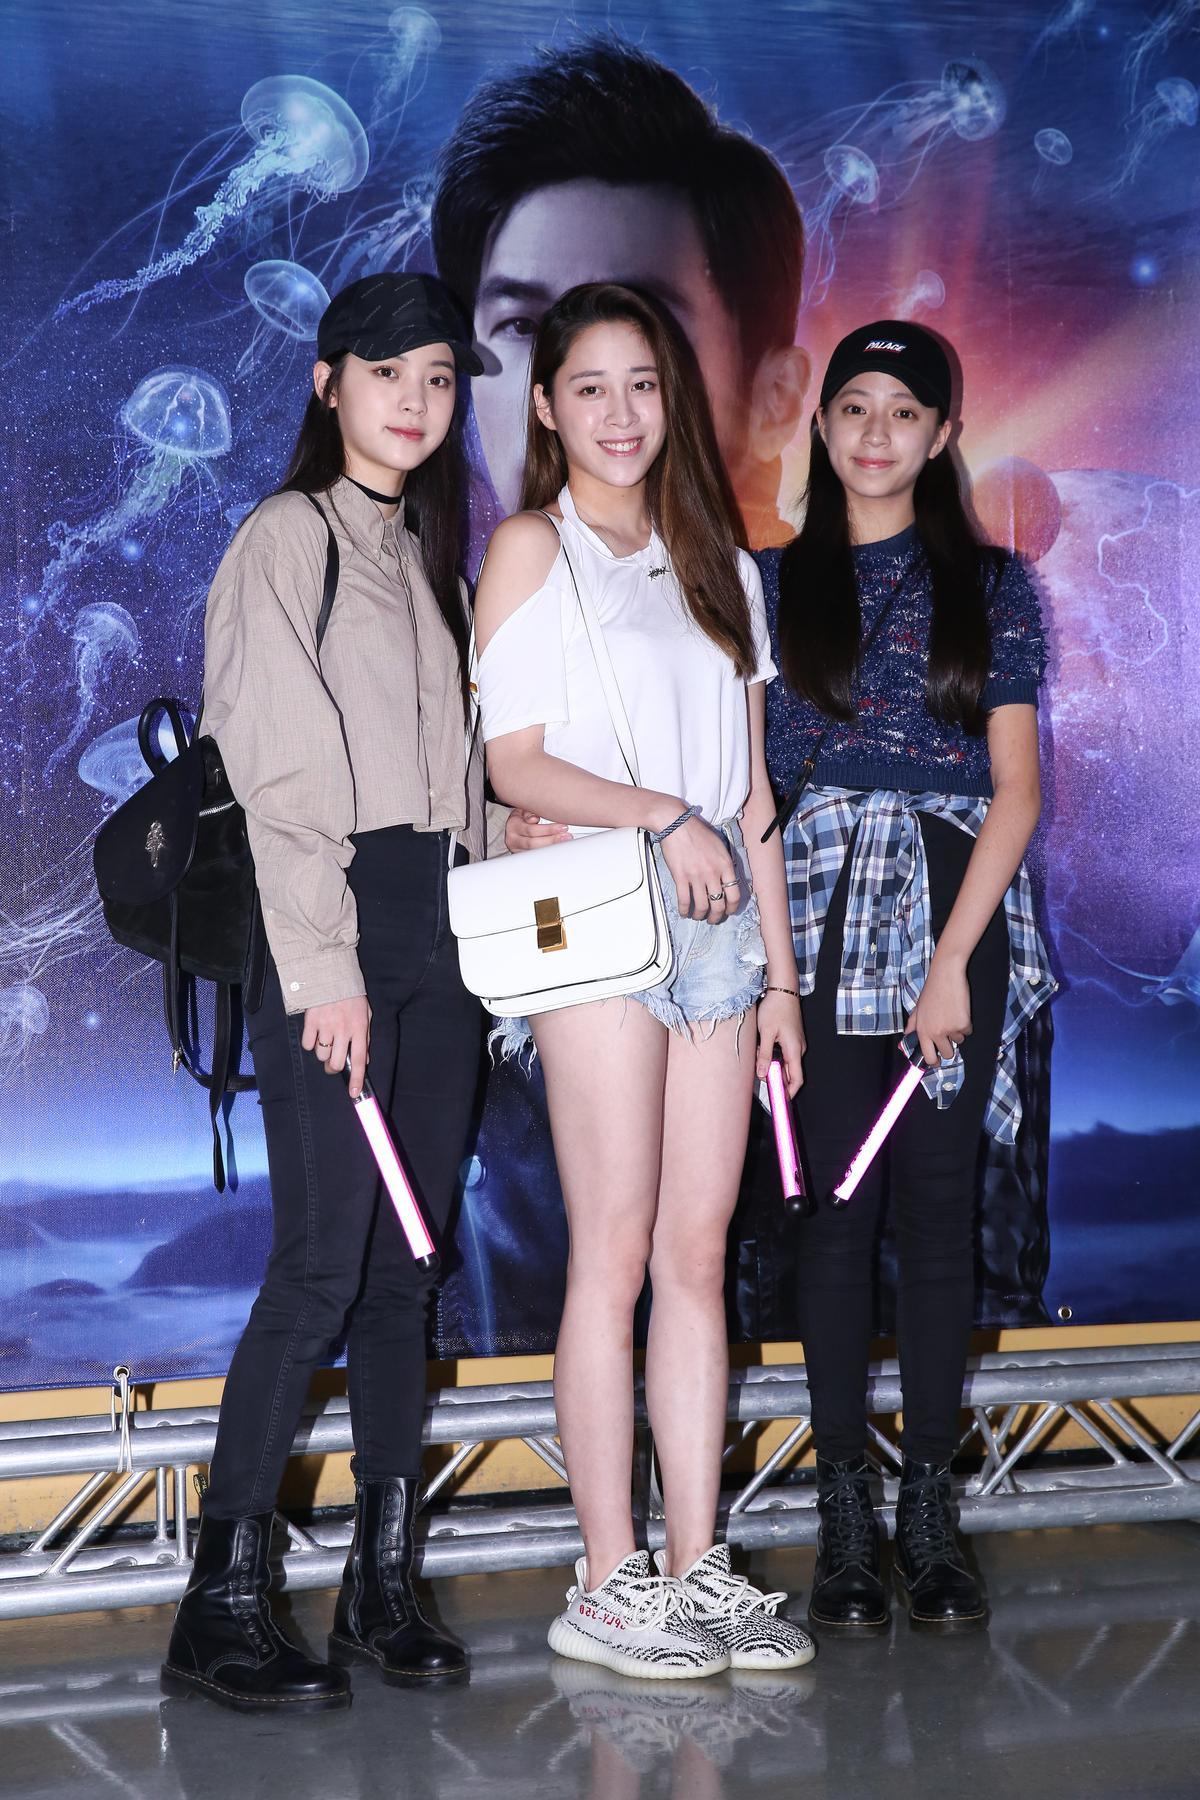 歐陽妮妮三姐妹來聽周杰倫演唱會,指明想聽「晴天」等經典。